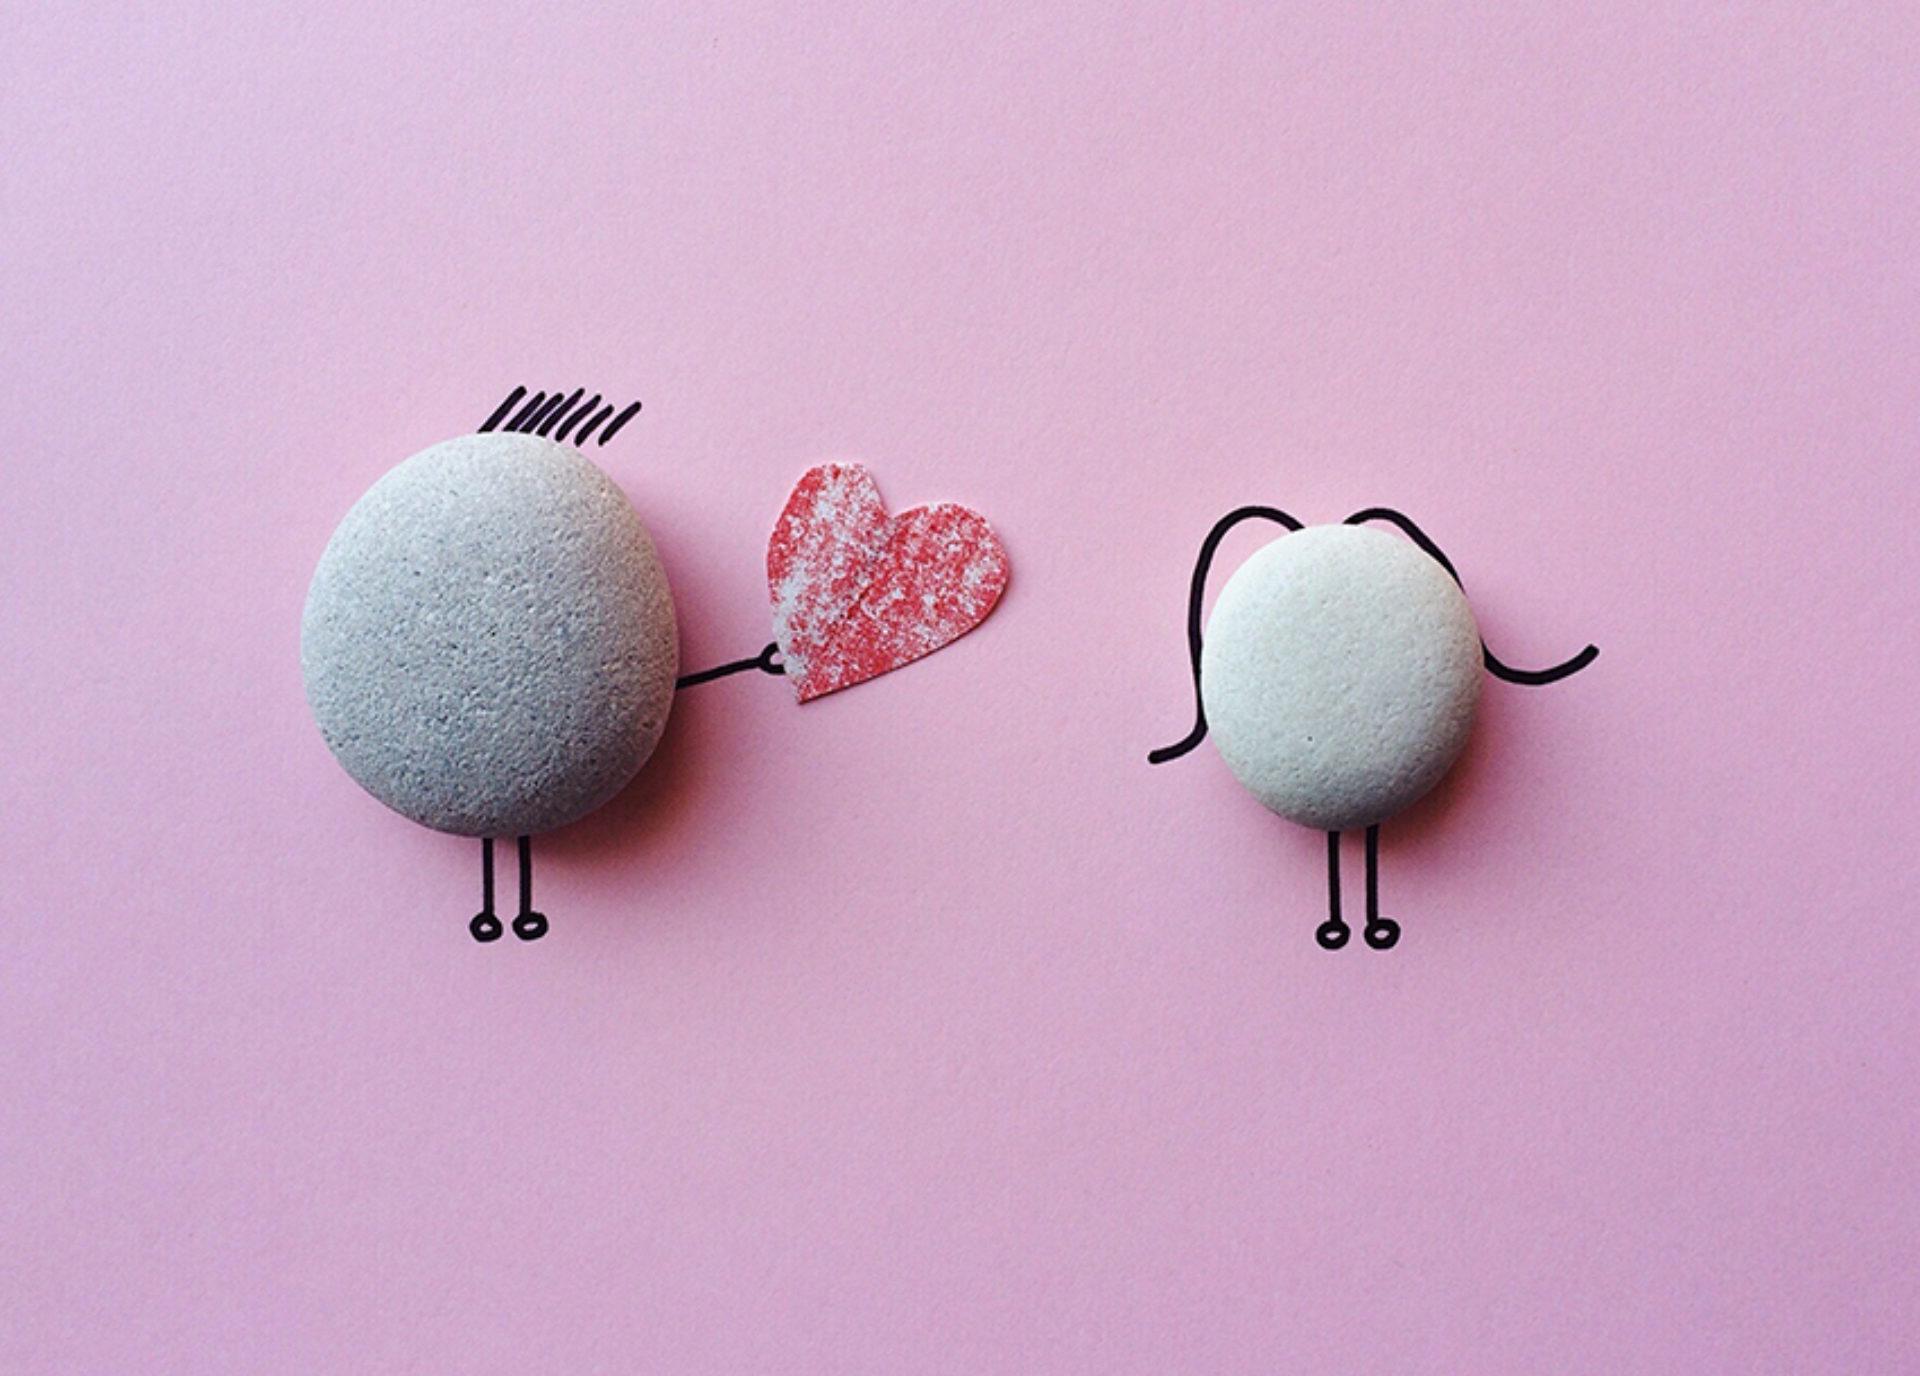 Hooggevoeligheid in een relatie: hoe ga je daarmee om?